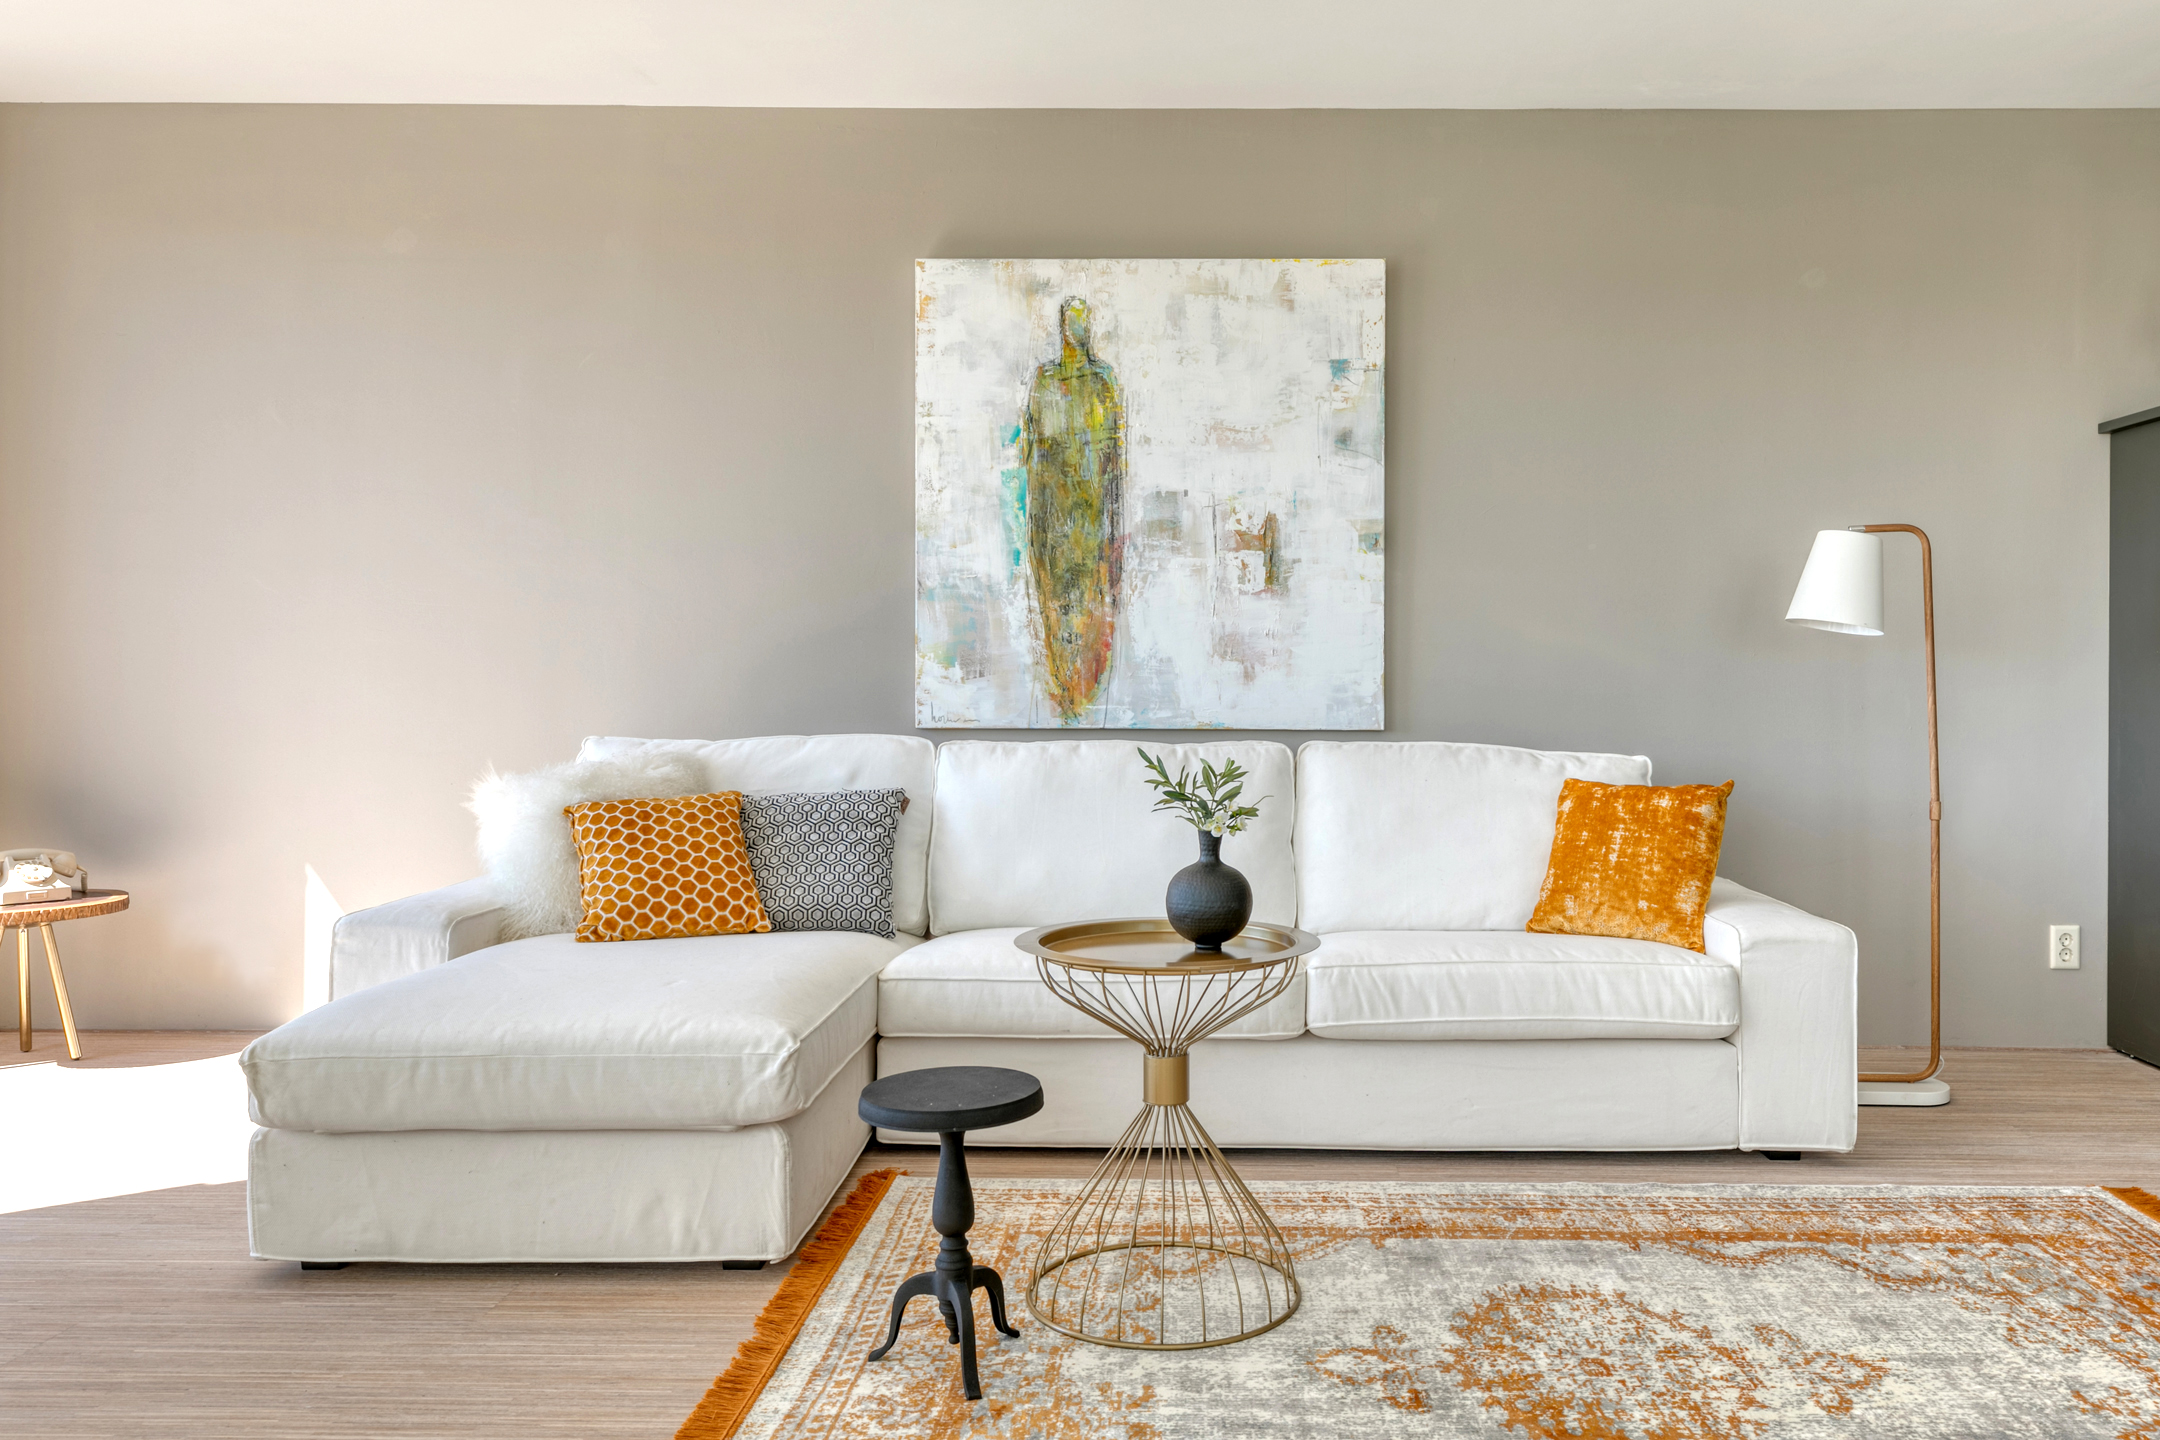 Inrichten leegstaand appartement, penthouse voor verkoop met huurmeubelen Amersfoort